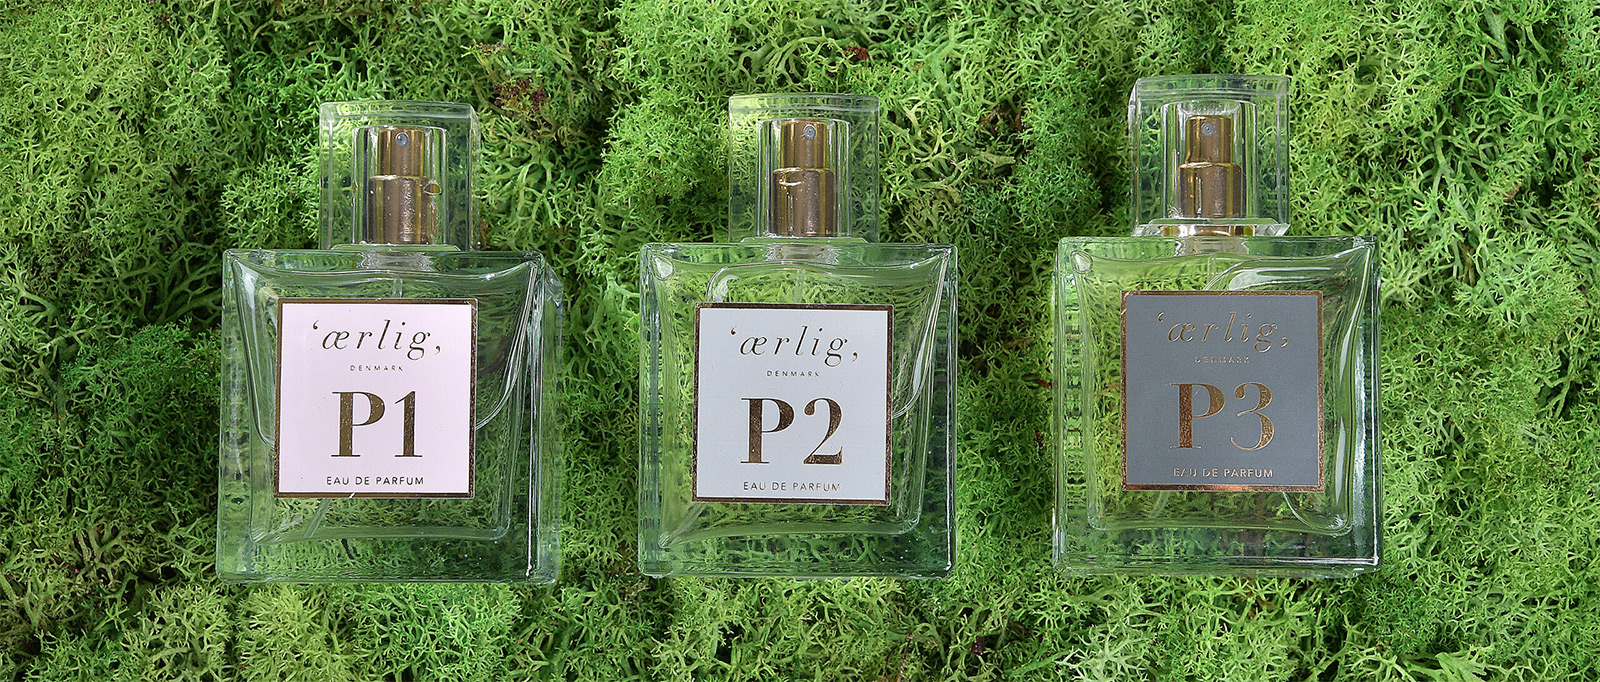 Parfumer på mosbaggrund